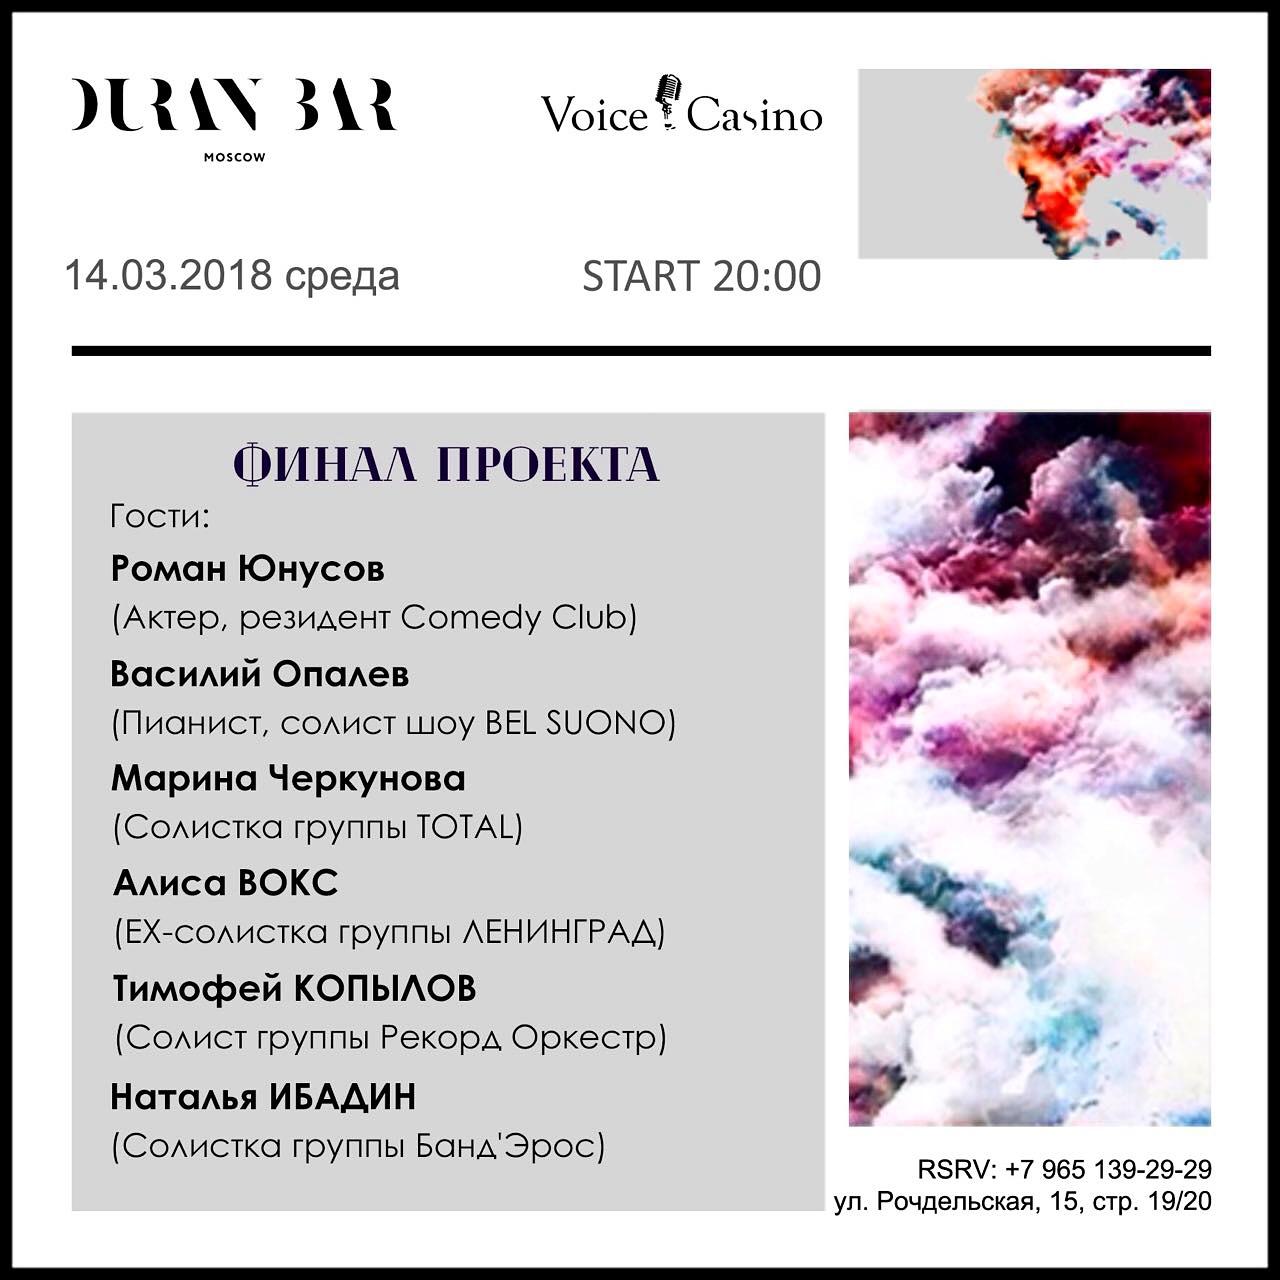 Грандиозный финал вокального конкурса VoiceCASINO by DURAN Bar Moscow состоится уже сегодня!